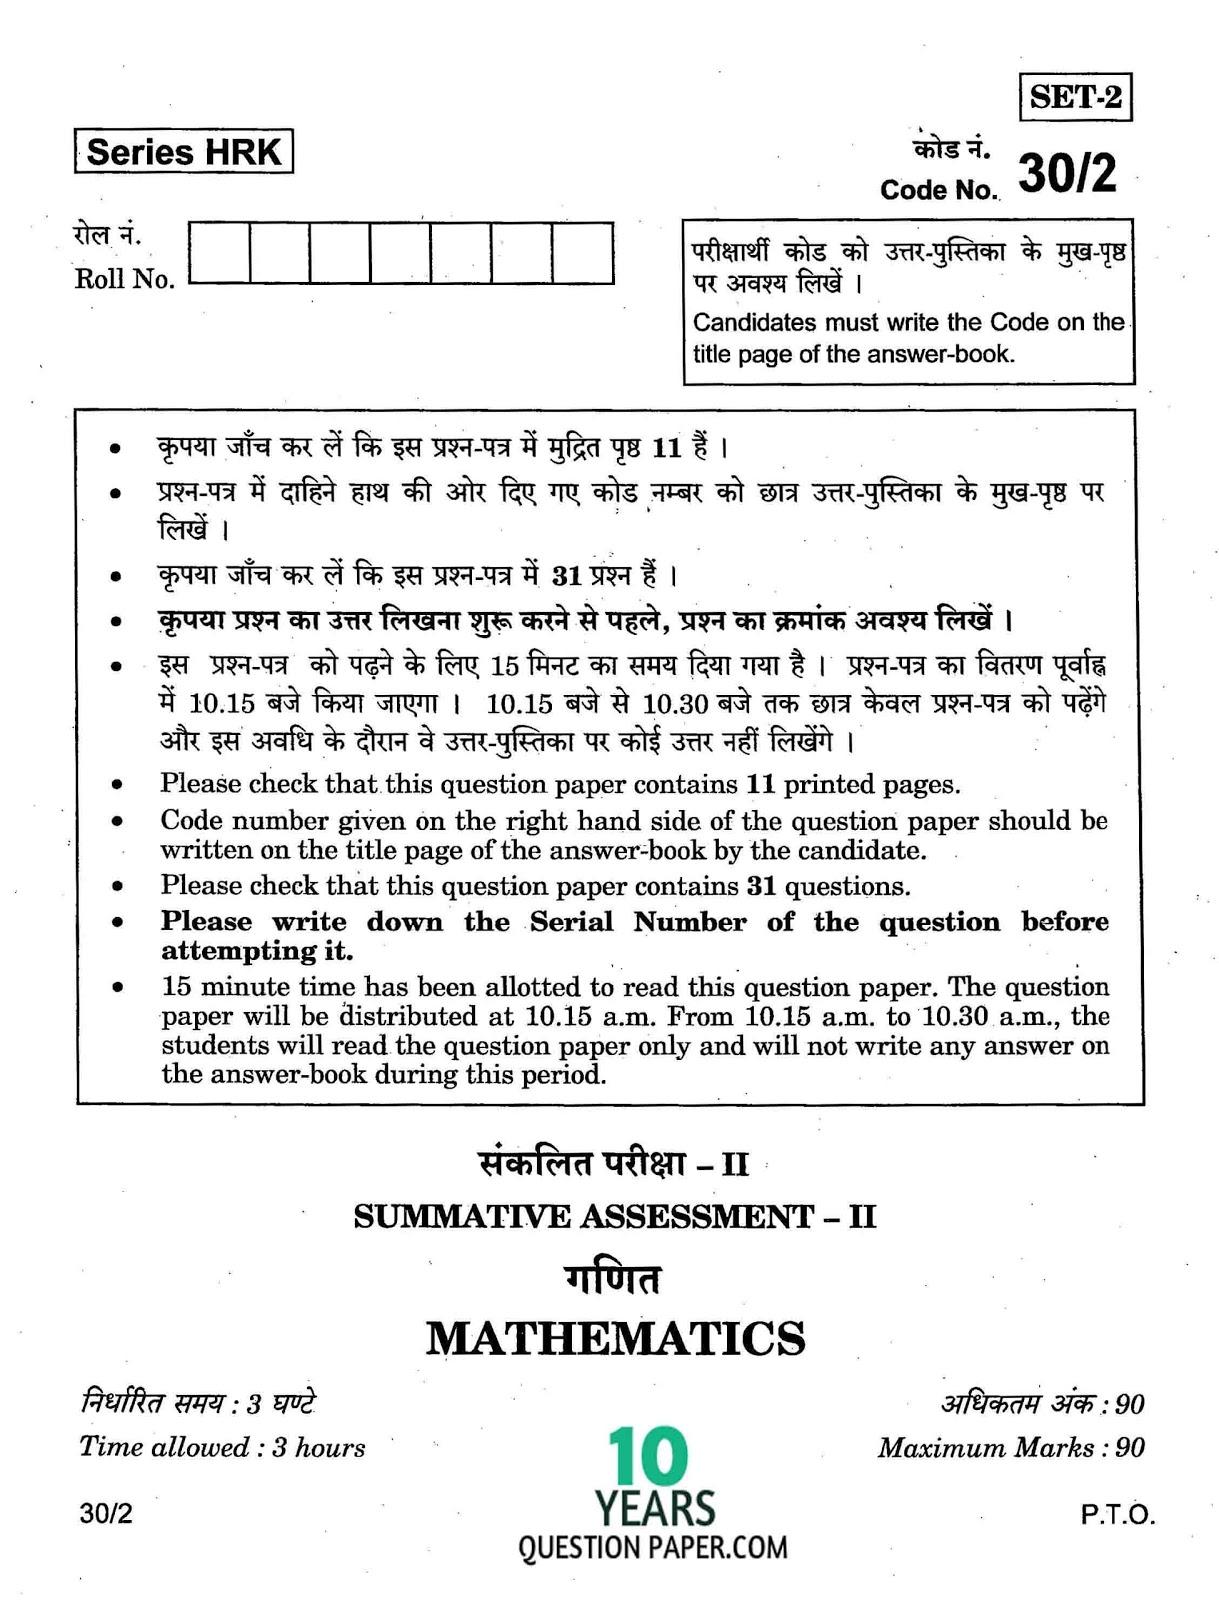 cbse class 10th 2017 Mathematics question paper